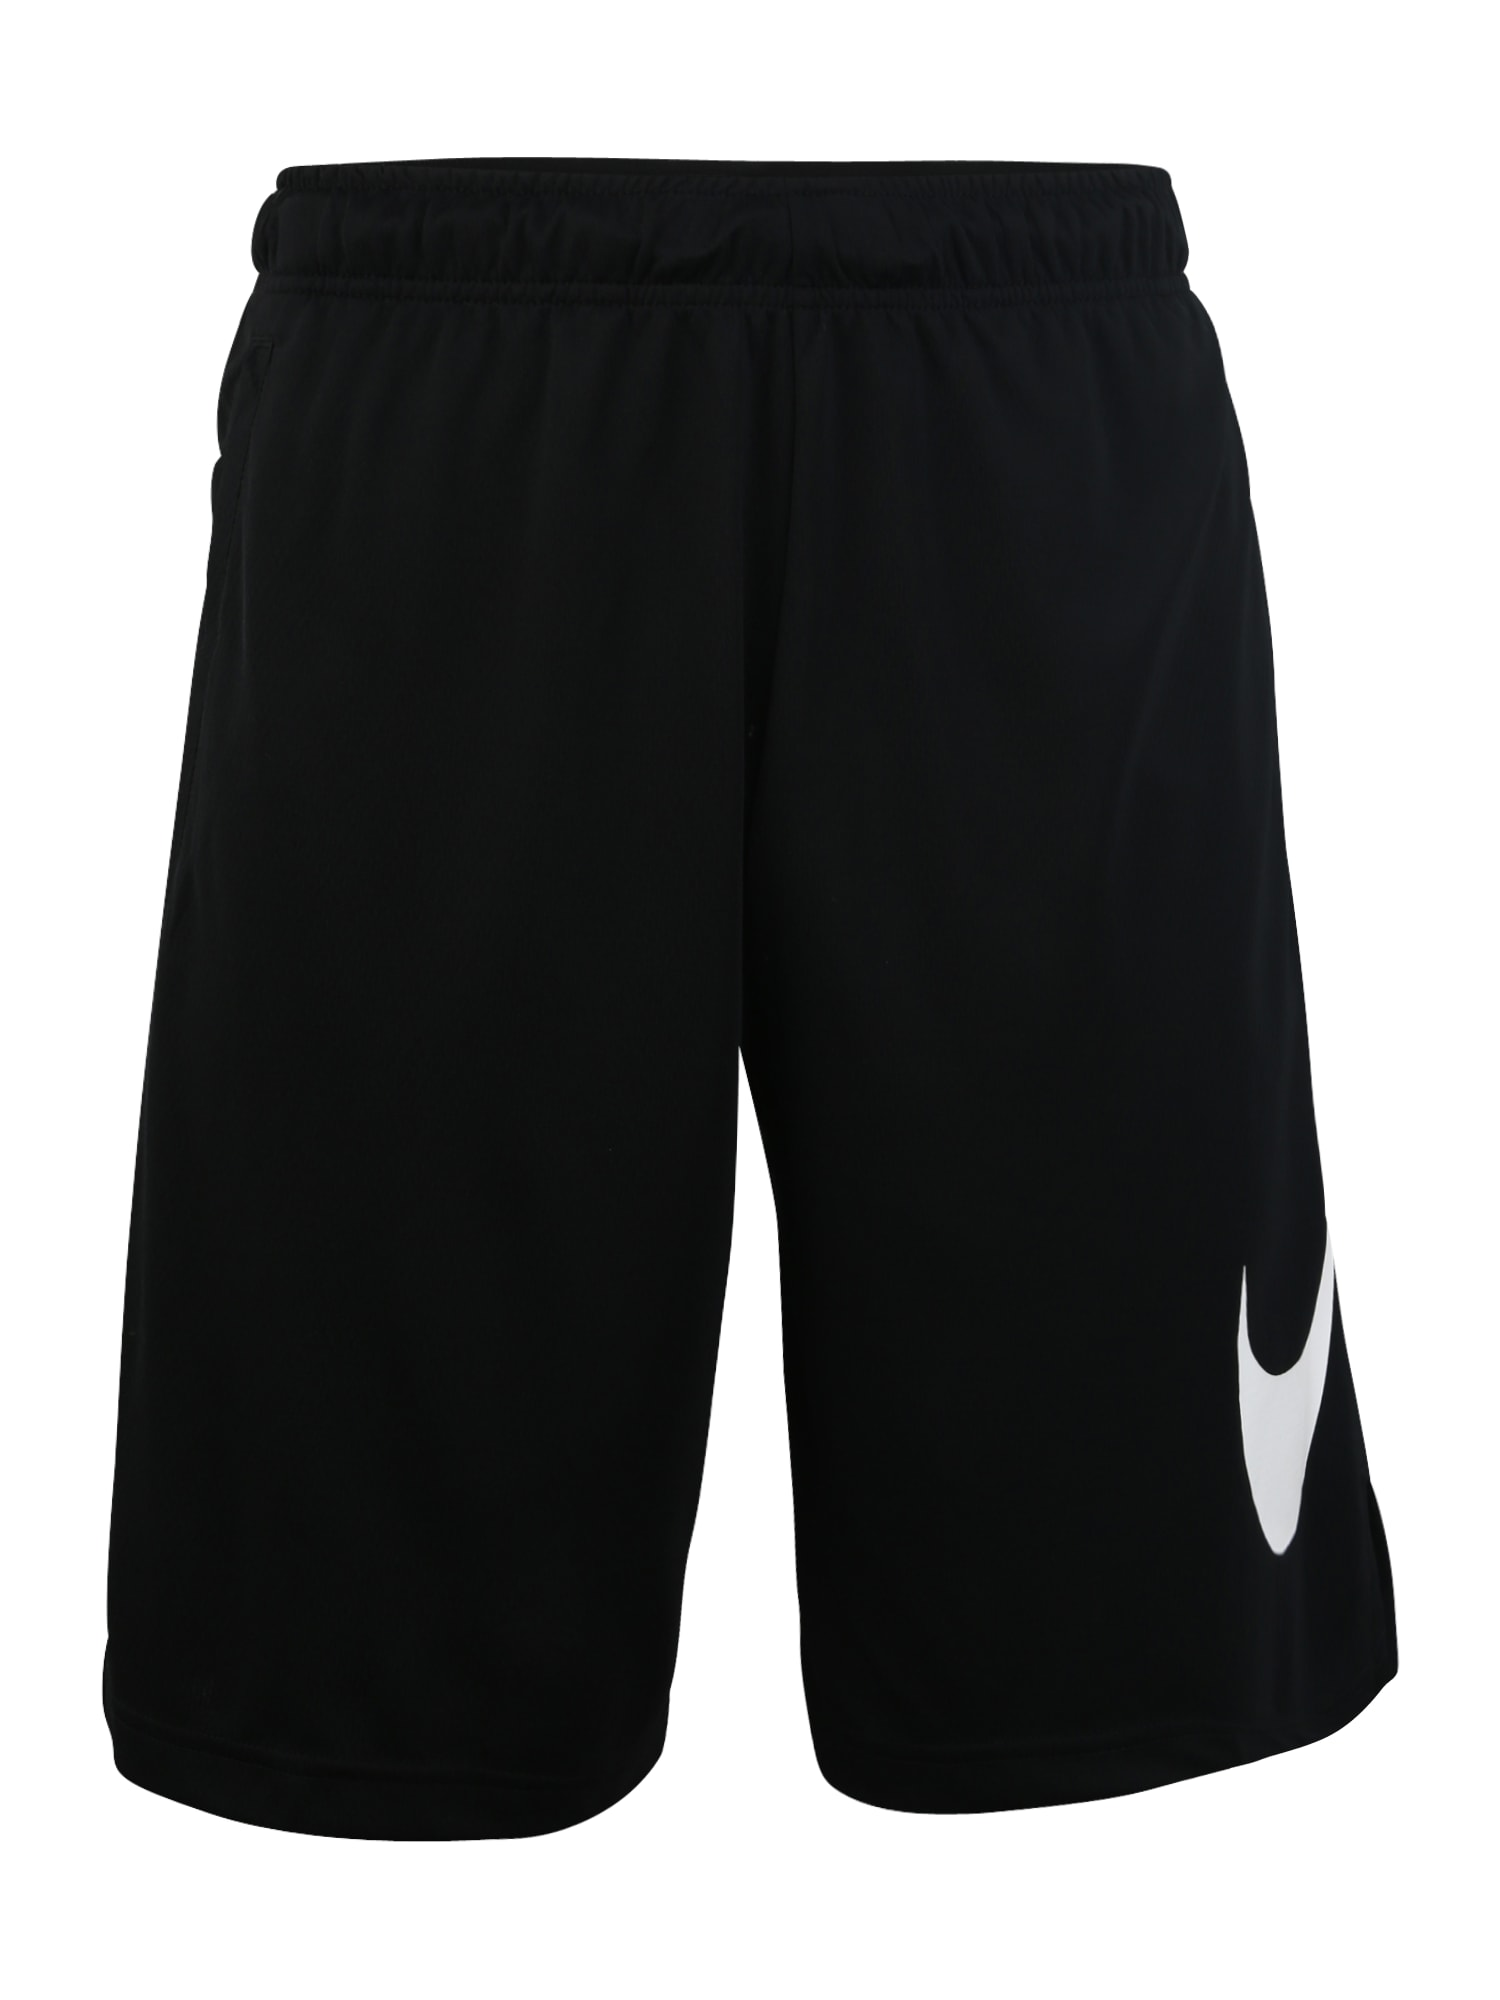 Sportovní kalhoty M NK DRY SHORT 4.0 HBR černá bílá NIKE